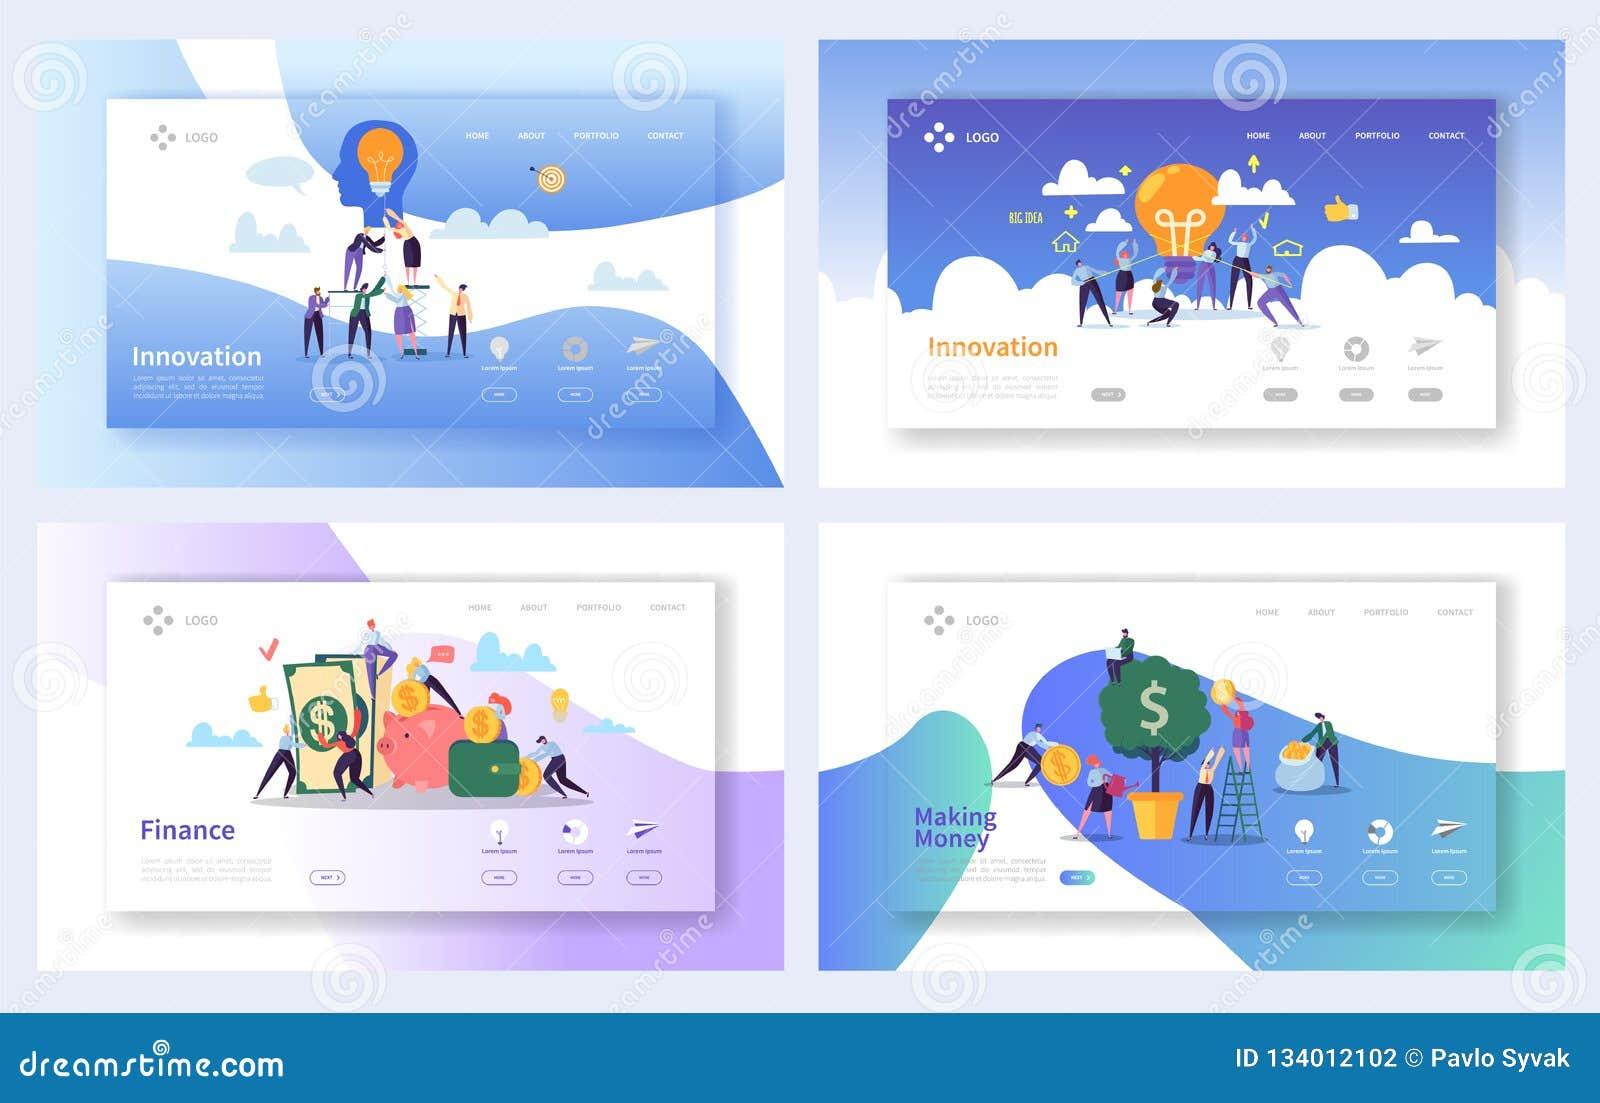 Pieniężni Biznesowi innowacja pomysły Ląduje strona set Kreatywnie pieniądze przyrosta pojęcie Online bankowość inwestycji sukces